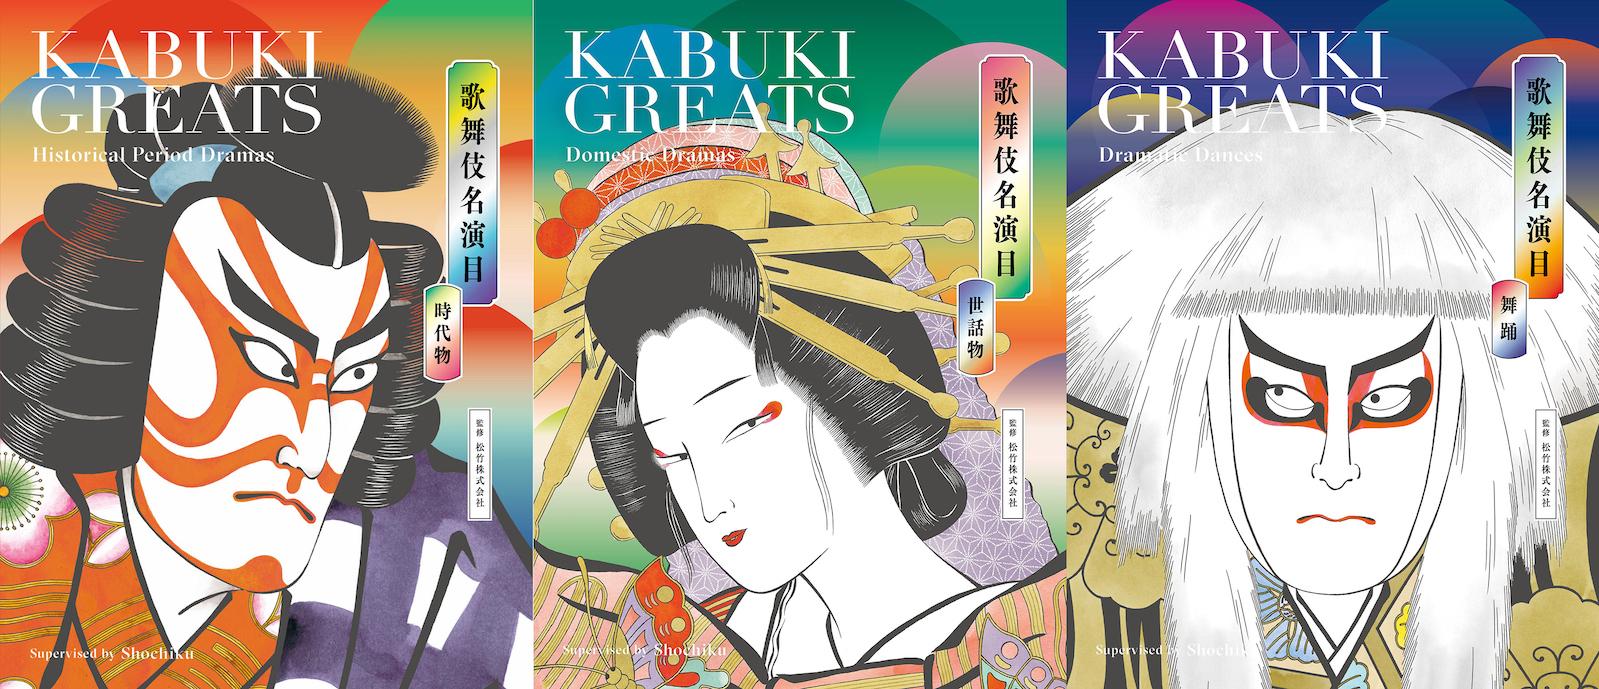 左から『歌舞伎名演目 時代物』『歌舞伎名演目 世話物』『舞伎名演目 舞踊』